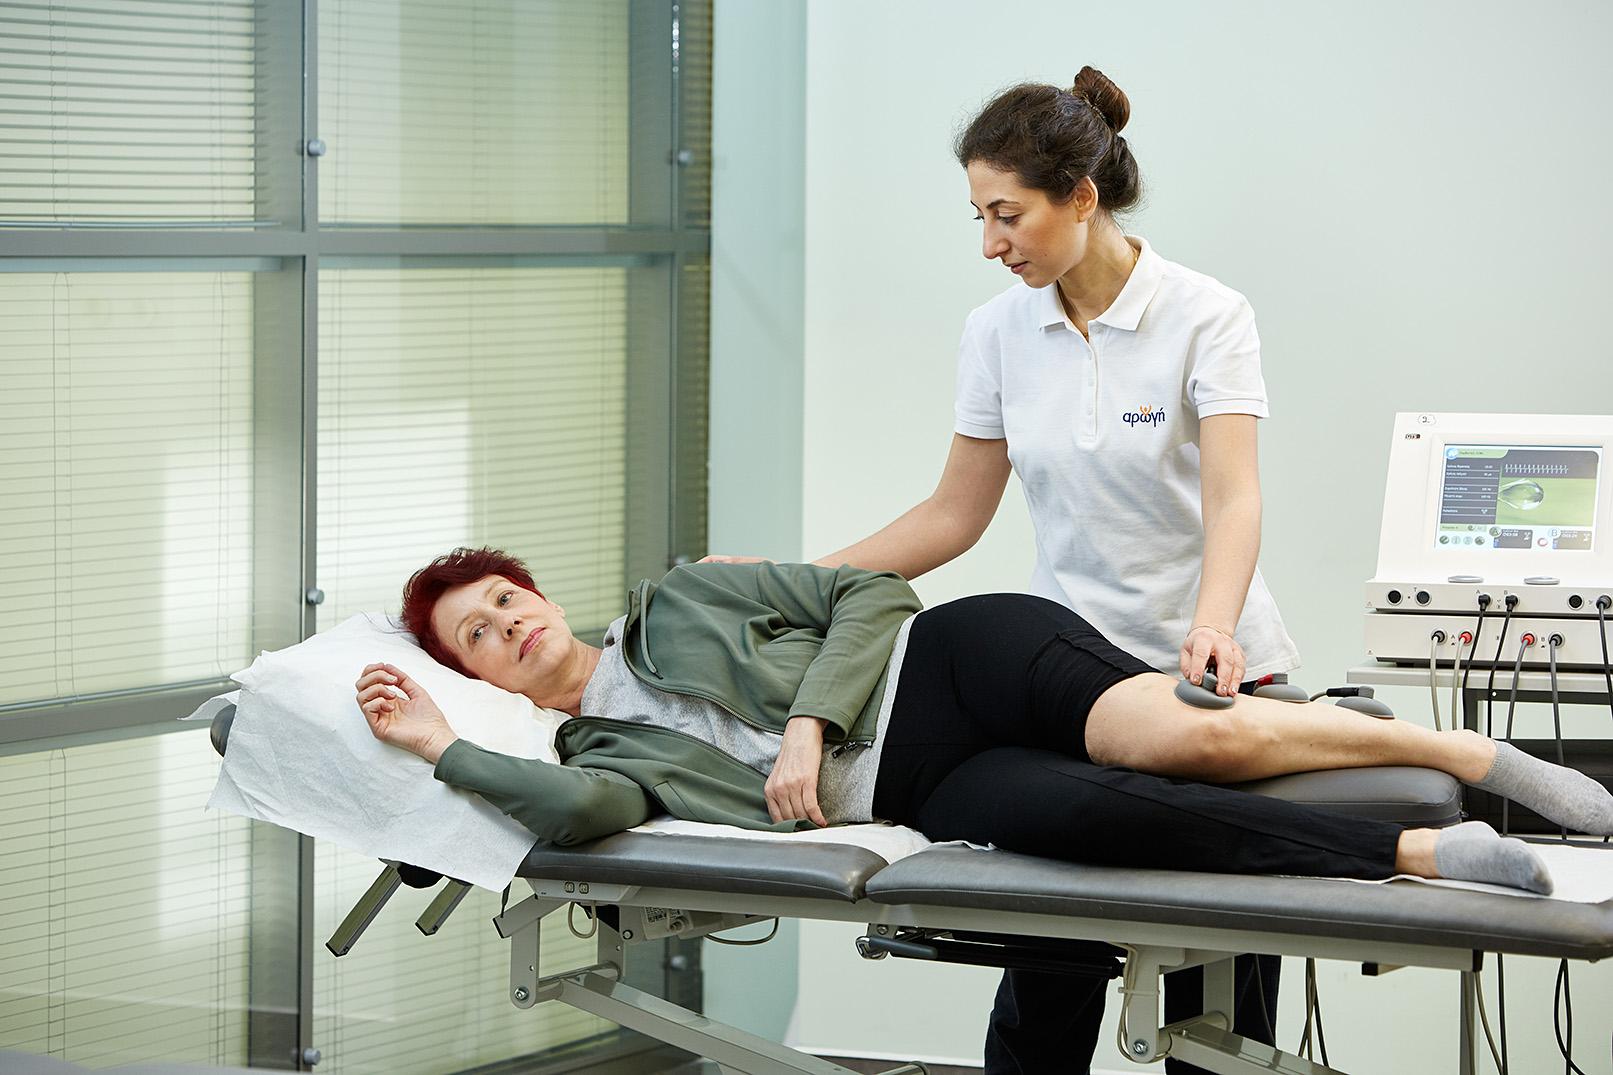 ορθοπεδική μυοσκελετική αποκατάσταση